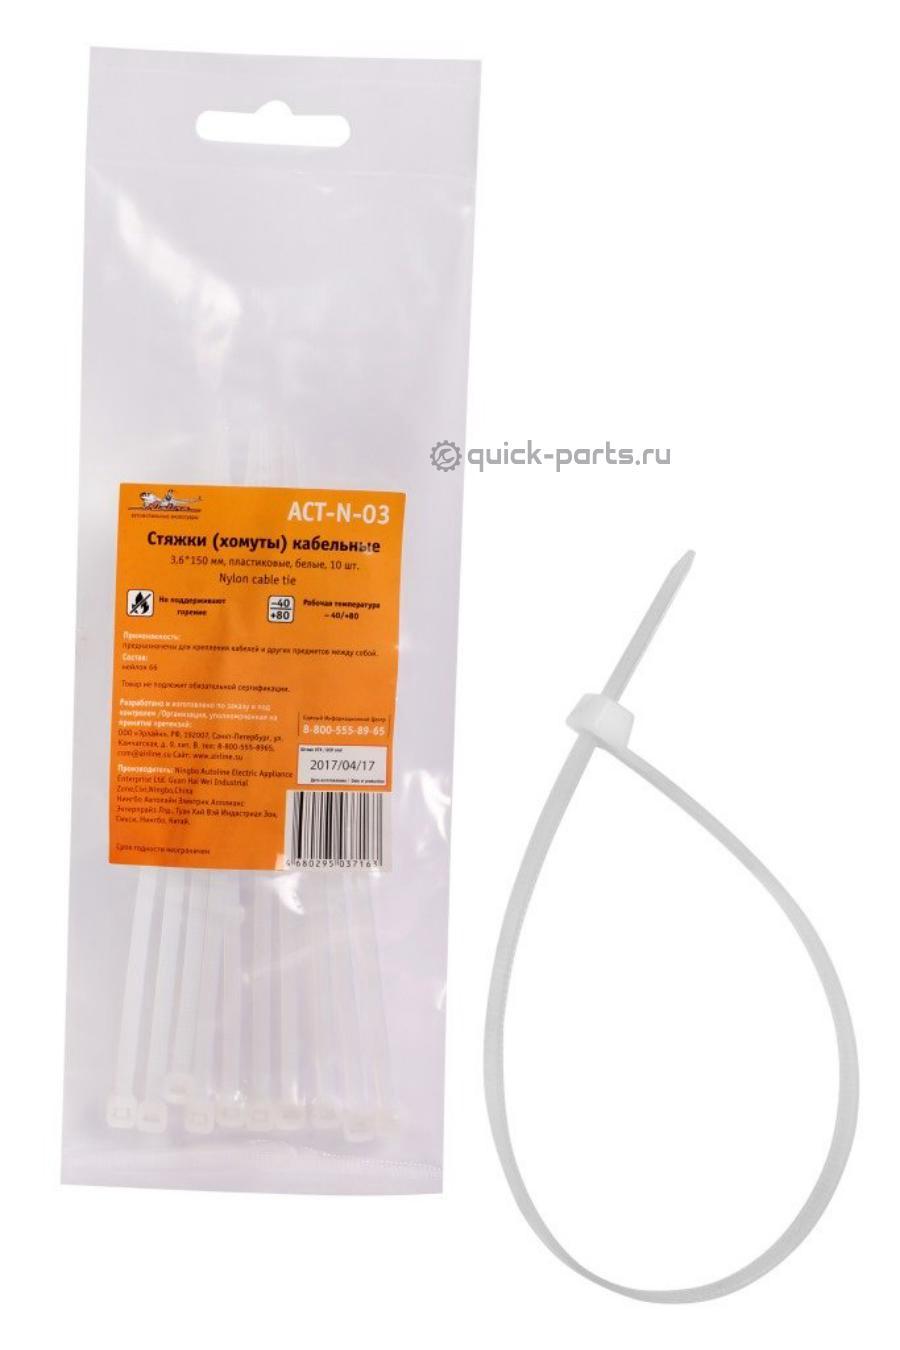 Стяжки (хомуты) кабельные 3,6*150 мм, пластиковые, белые, 10 шт.